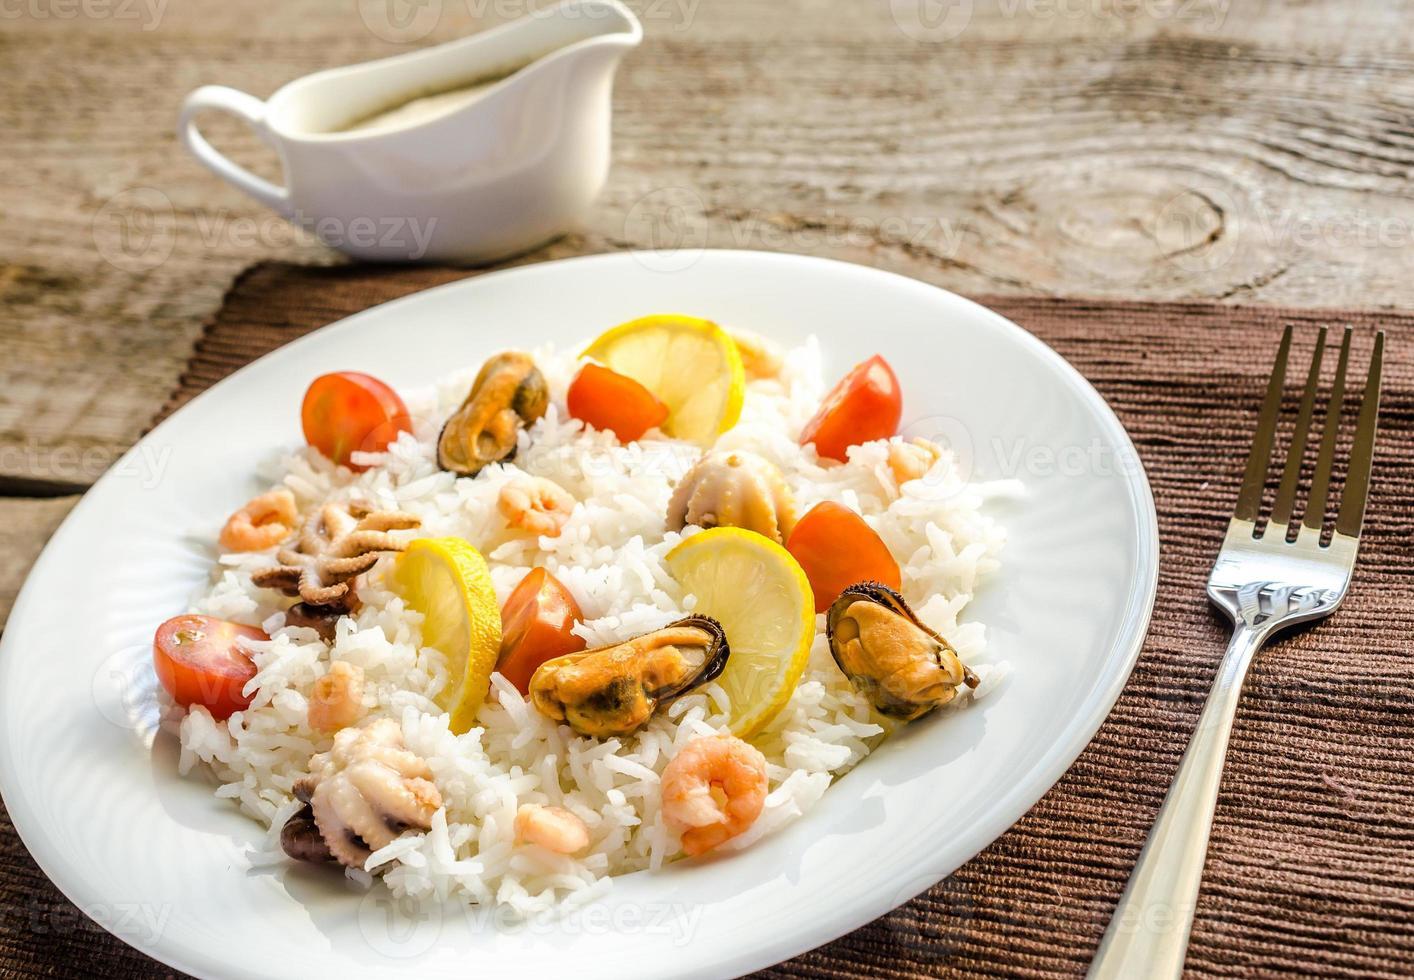 arroz basmati con mariscos foto